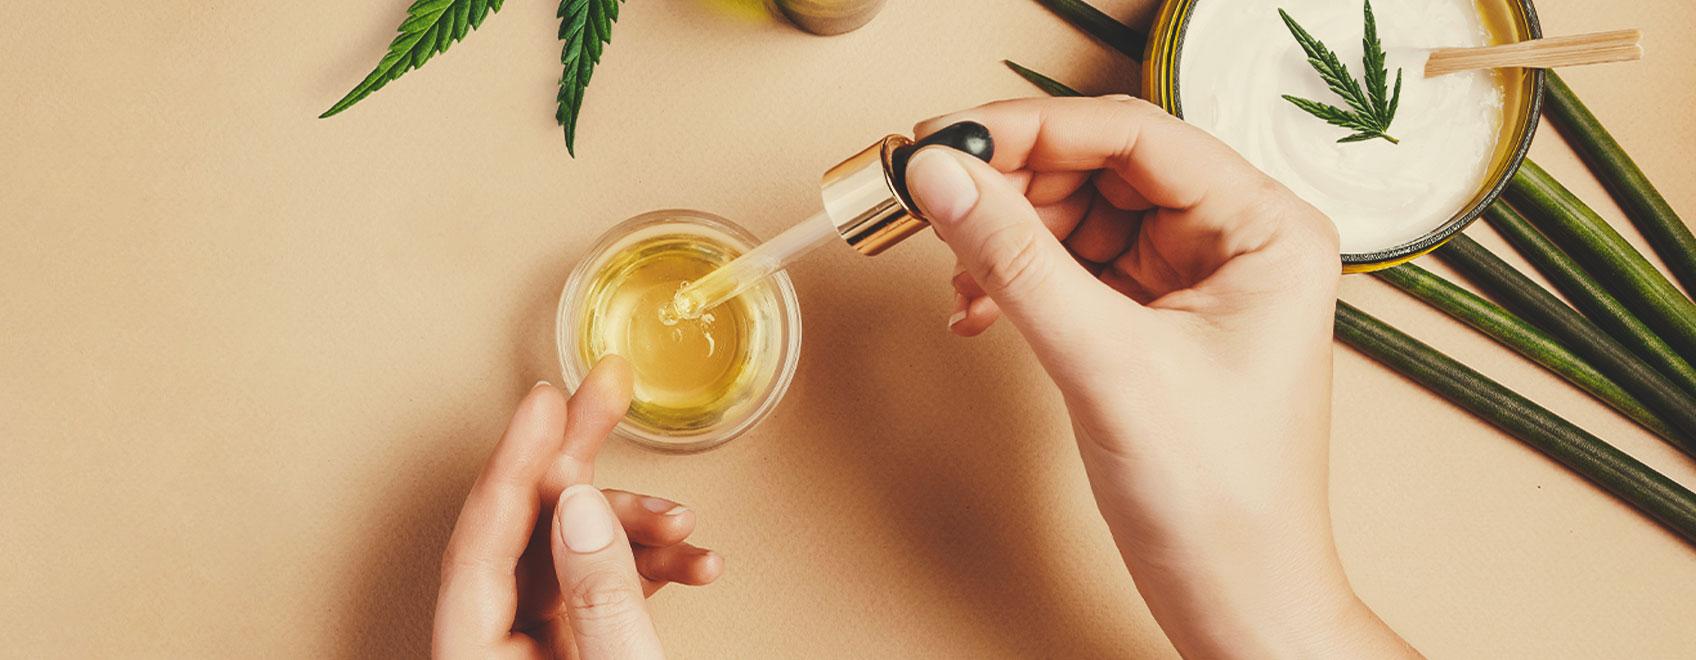 Wie man CBD-Öl aus medizinischen Cannabissamen herstellt